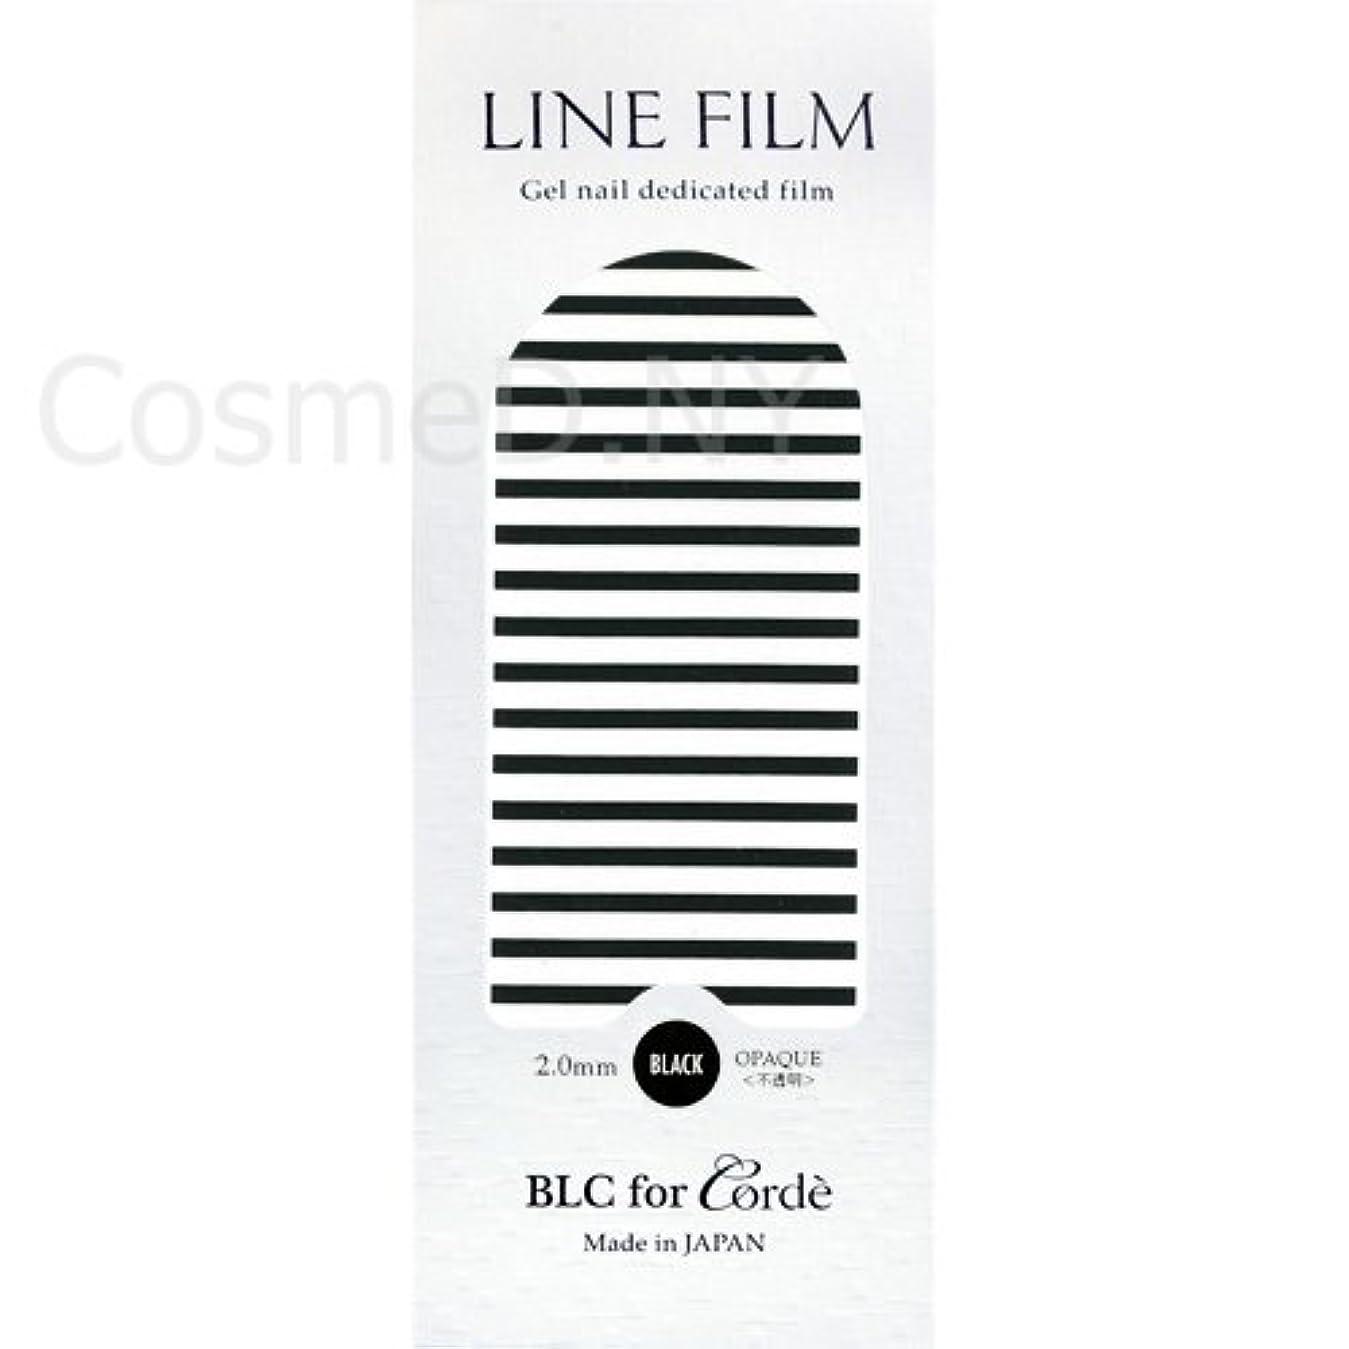 抑圧する浜辺控えめなBLC for Corde(ビーエルシーフォーコーデ)ラインフィルム ブラック 2mm【ネイルアート、ネイルシール】